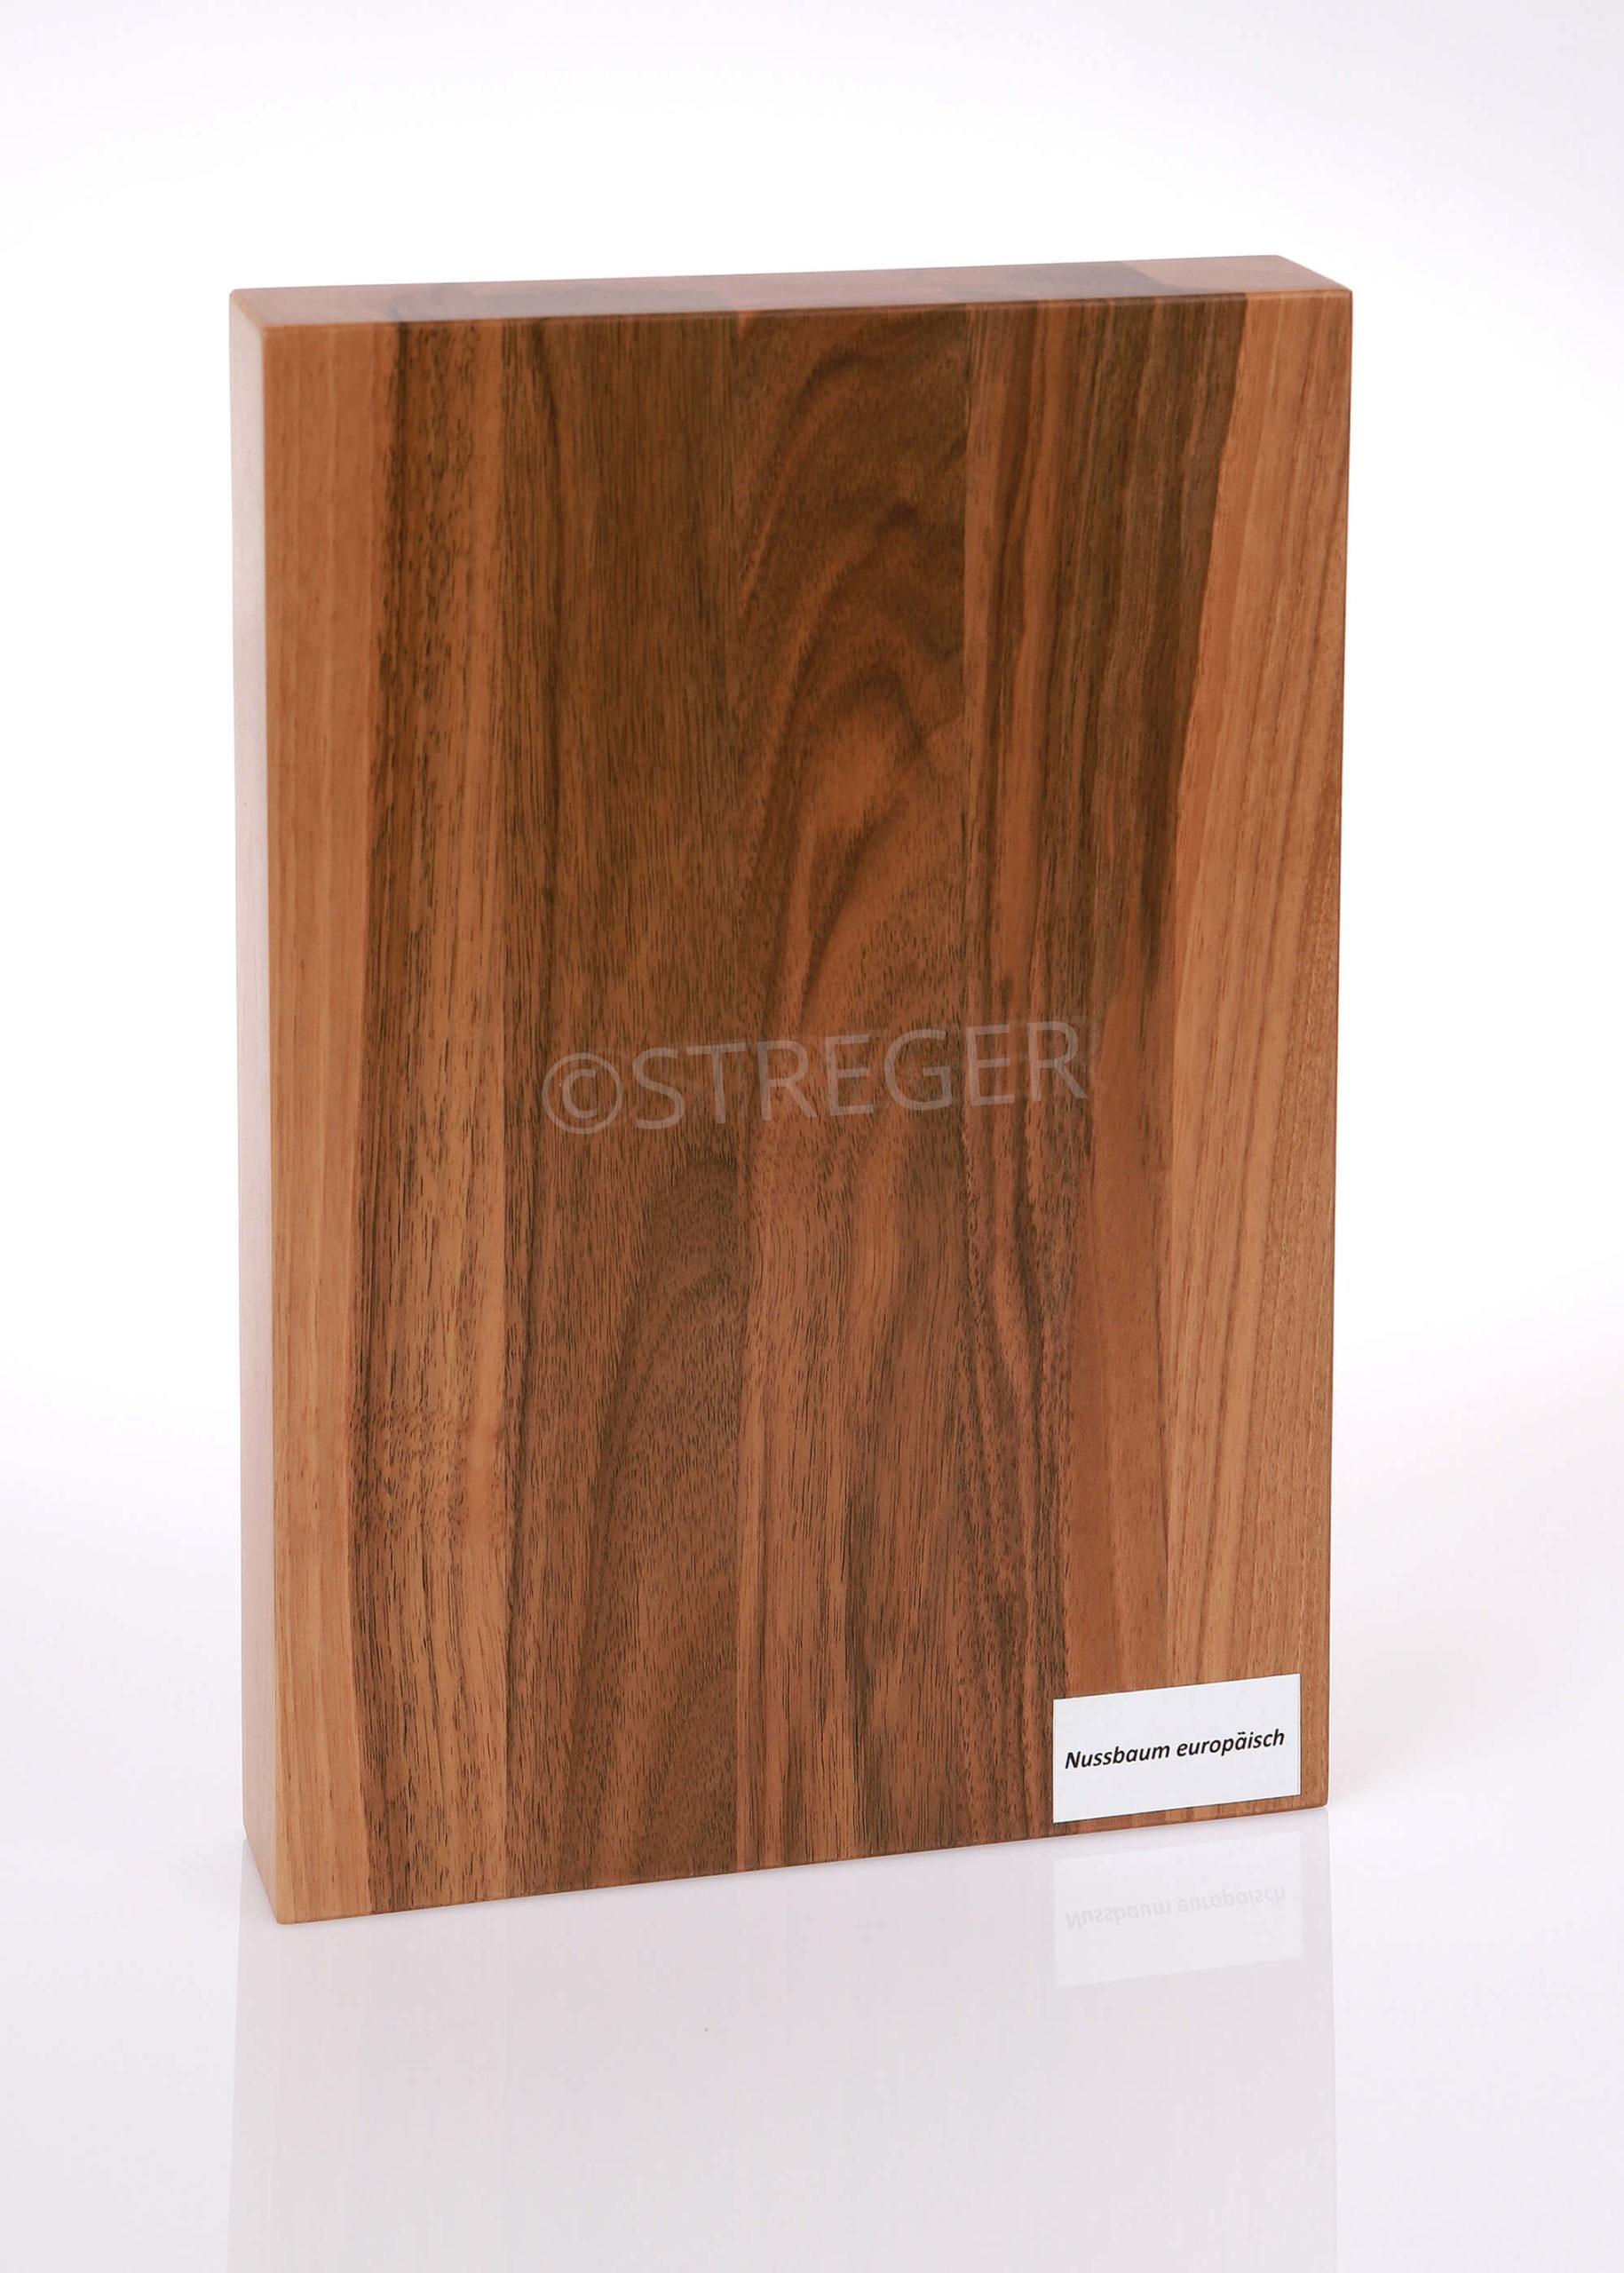 STREGER-Massivholztreppen-Nussbaum-europaeisch